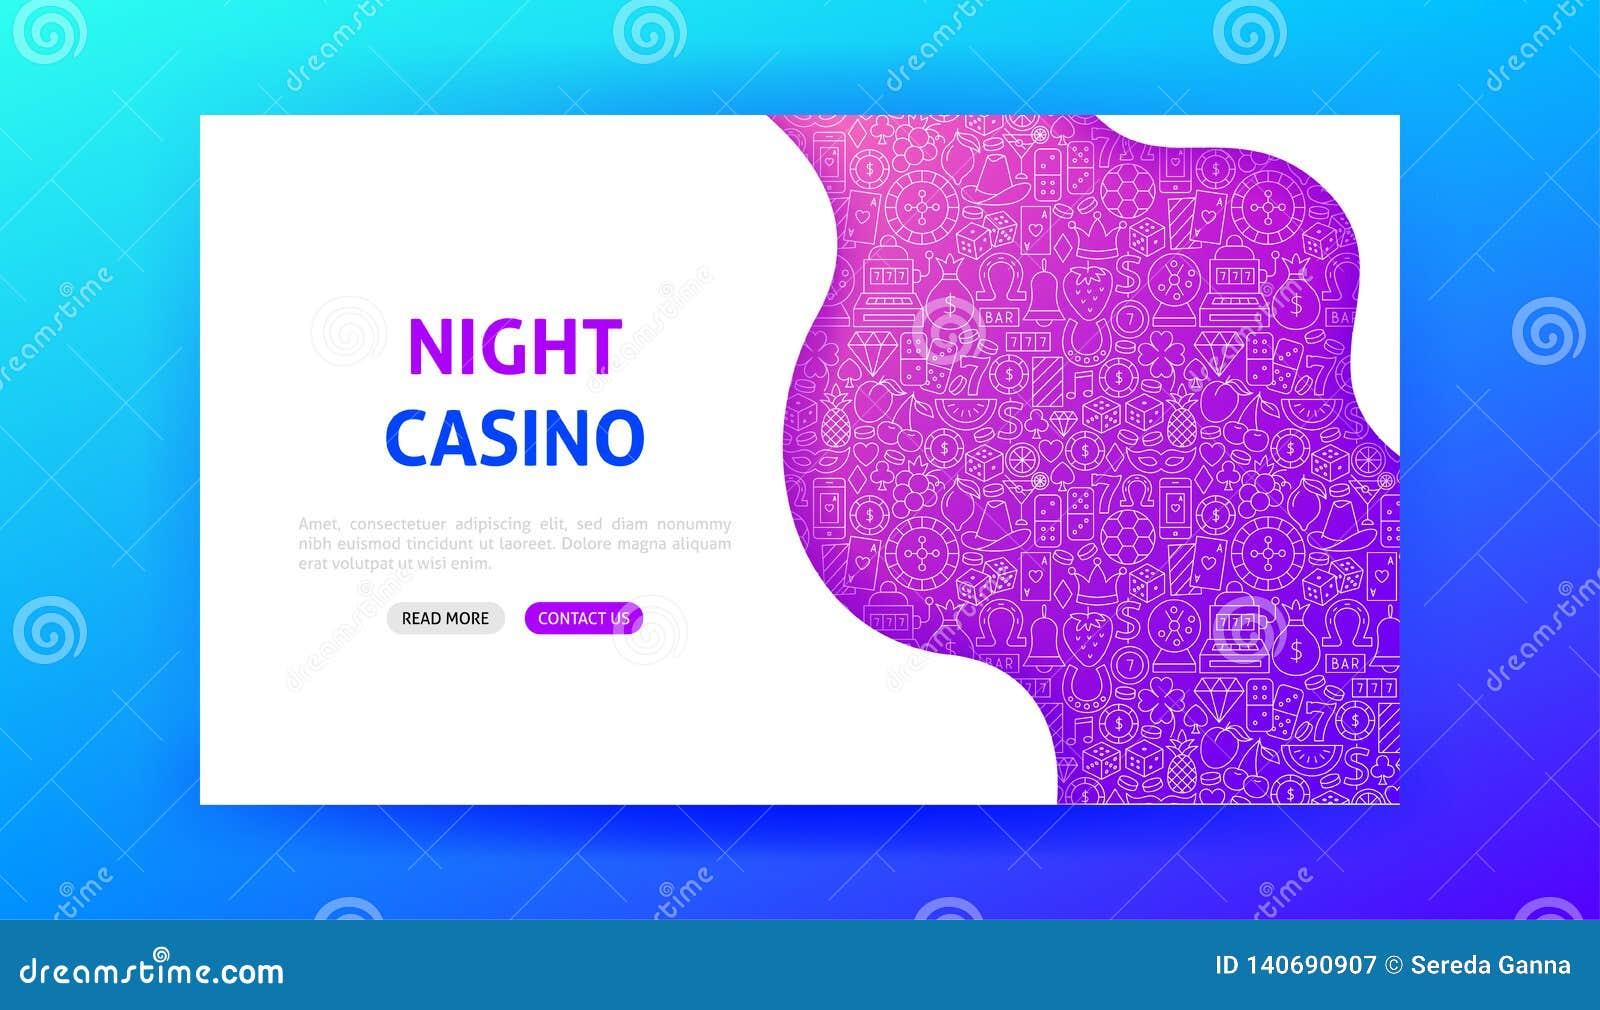 Night Casino Landing Page